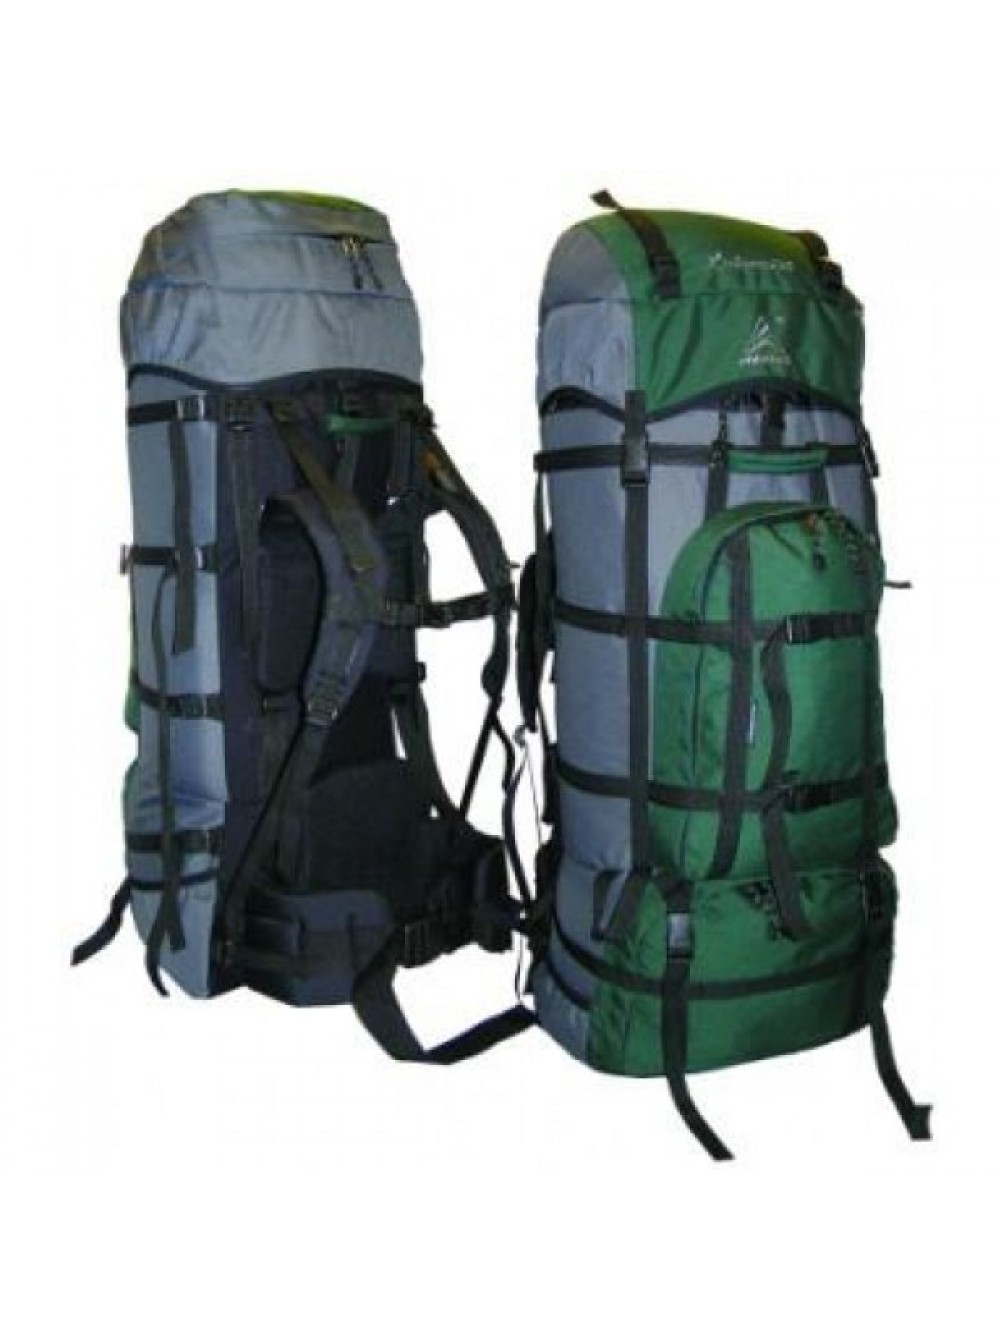 Рюкзак 120 литров normal Хибины 120 pro купить в интернет магазине ... fefb4119ddc